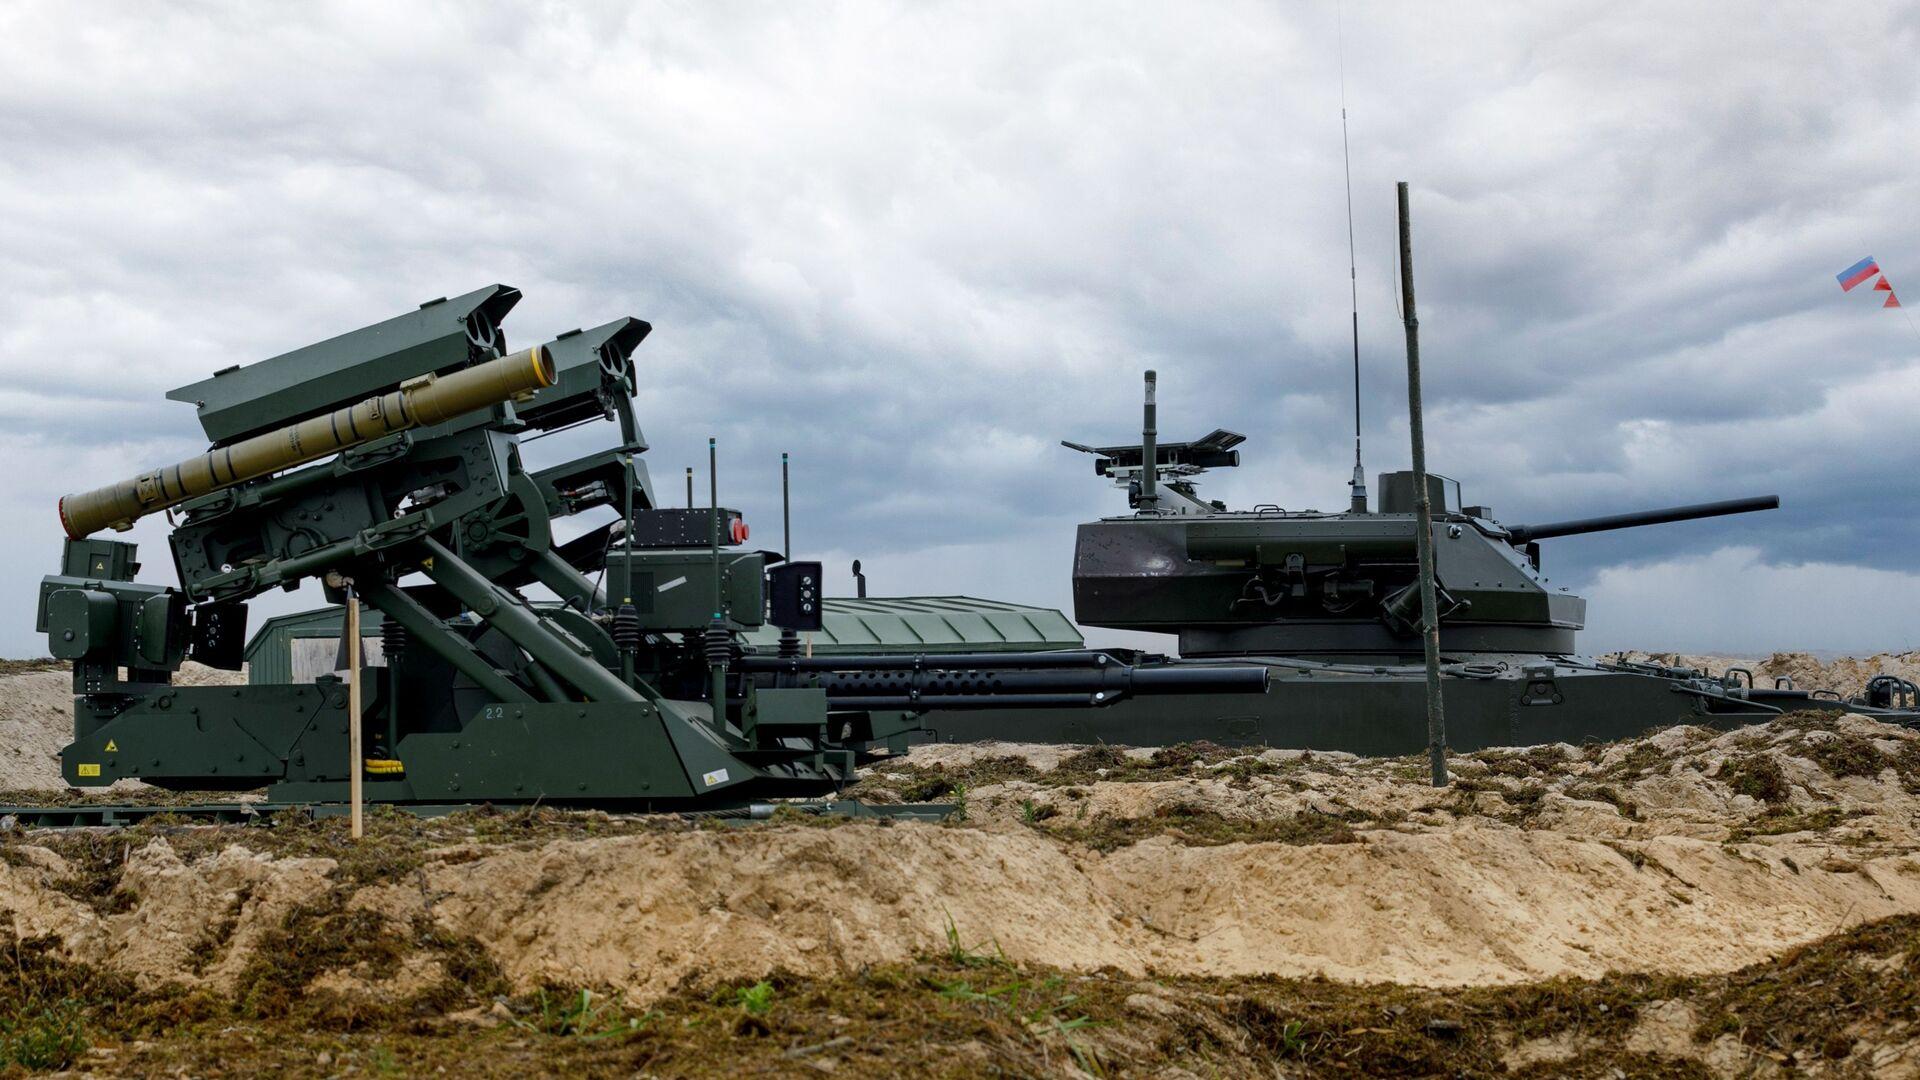 Tổ hợp robot Uran-9 và xe chiến đấu bộ binh BMP-3 - Sputnik Việt Nam, 1920, 07.10.2021